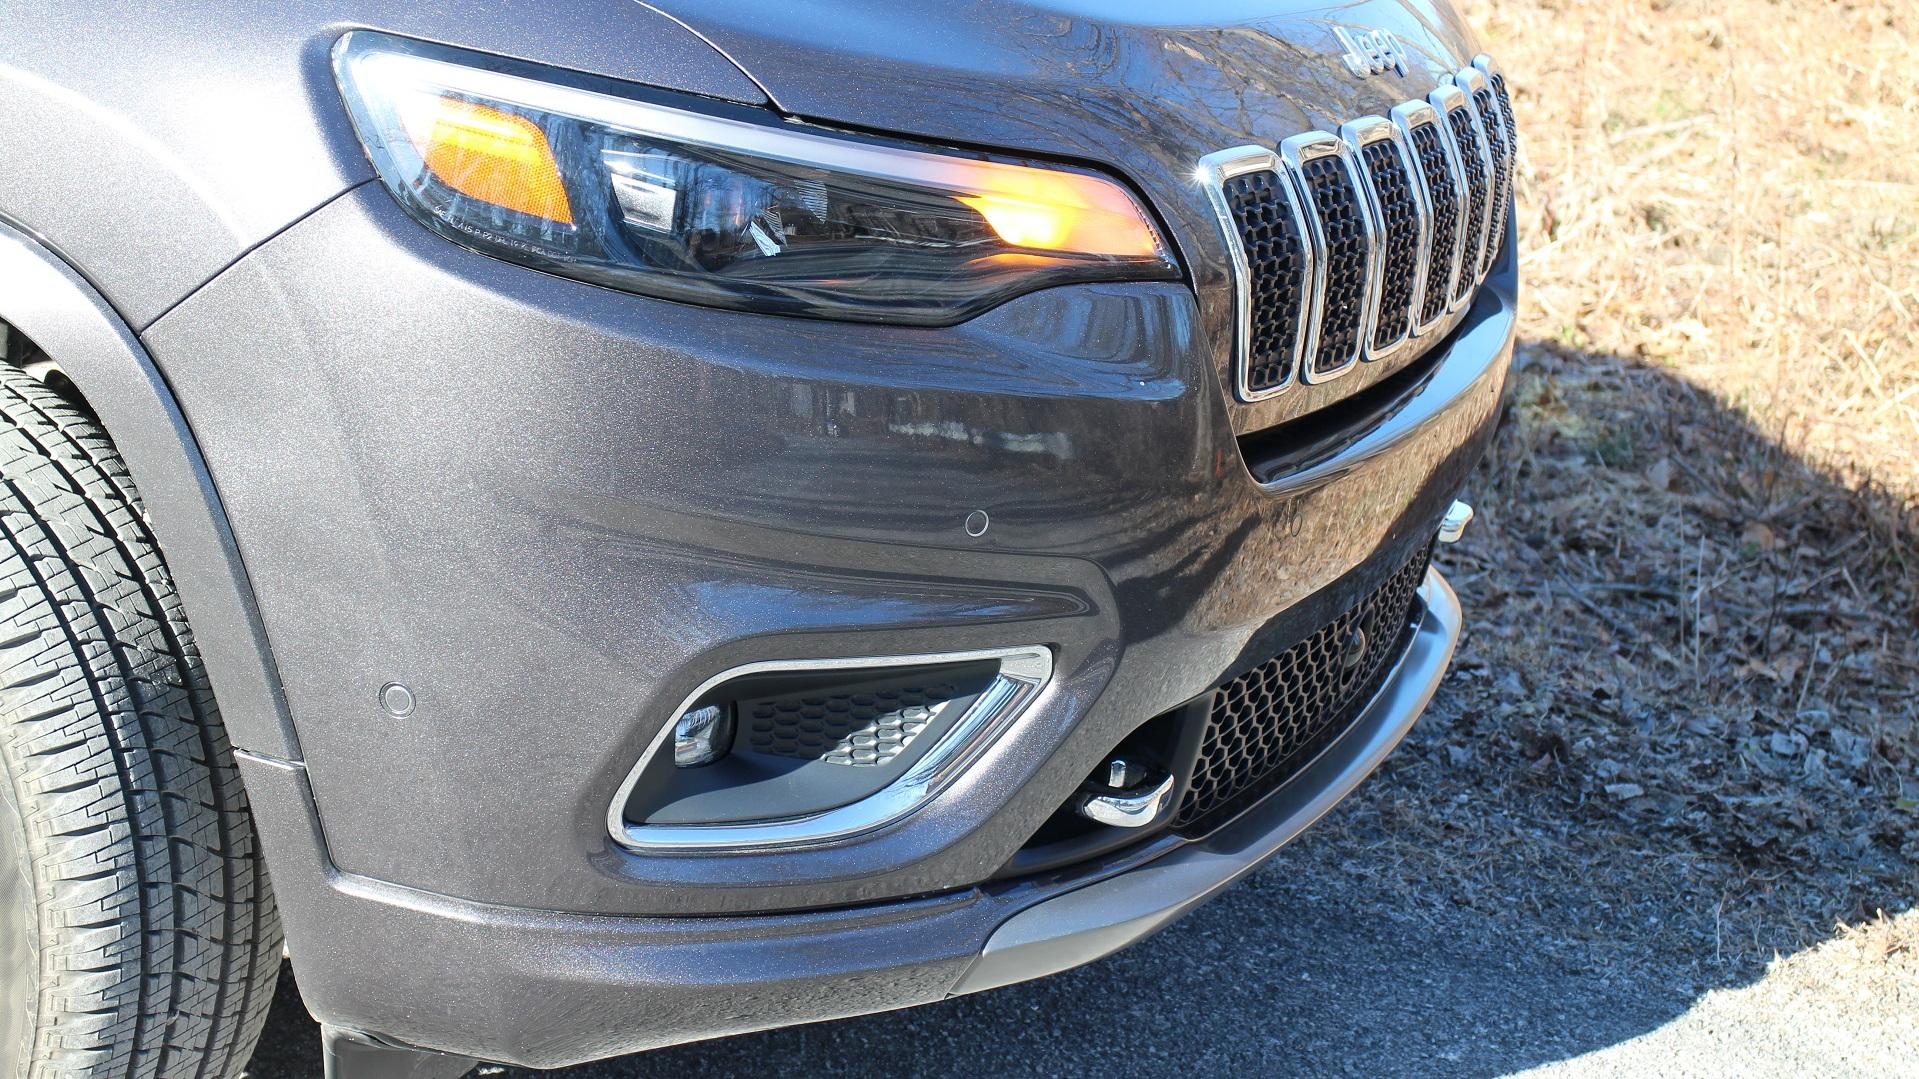 2019 Jeep Cherokee Overland, Hudson Valley, NY, Mar 2018